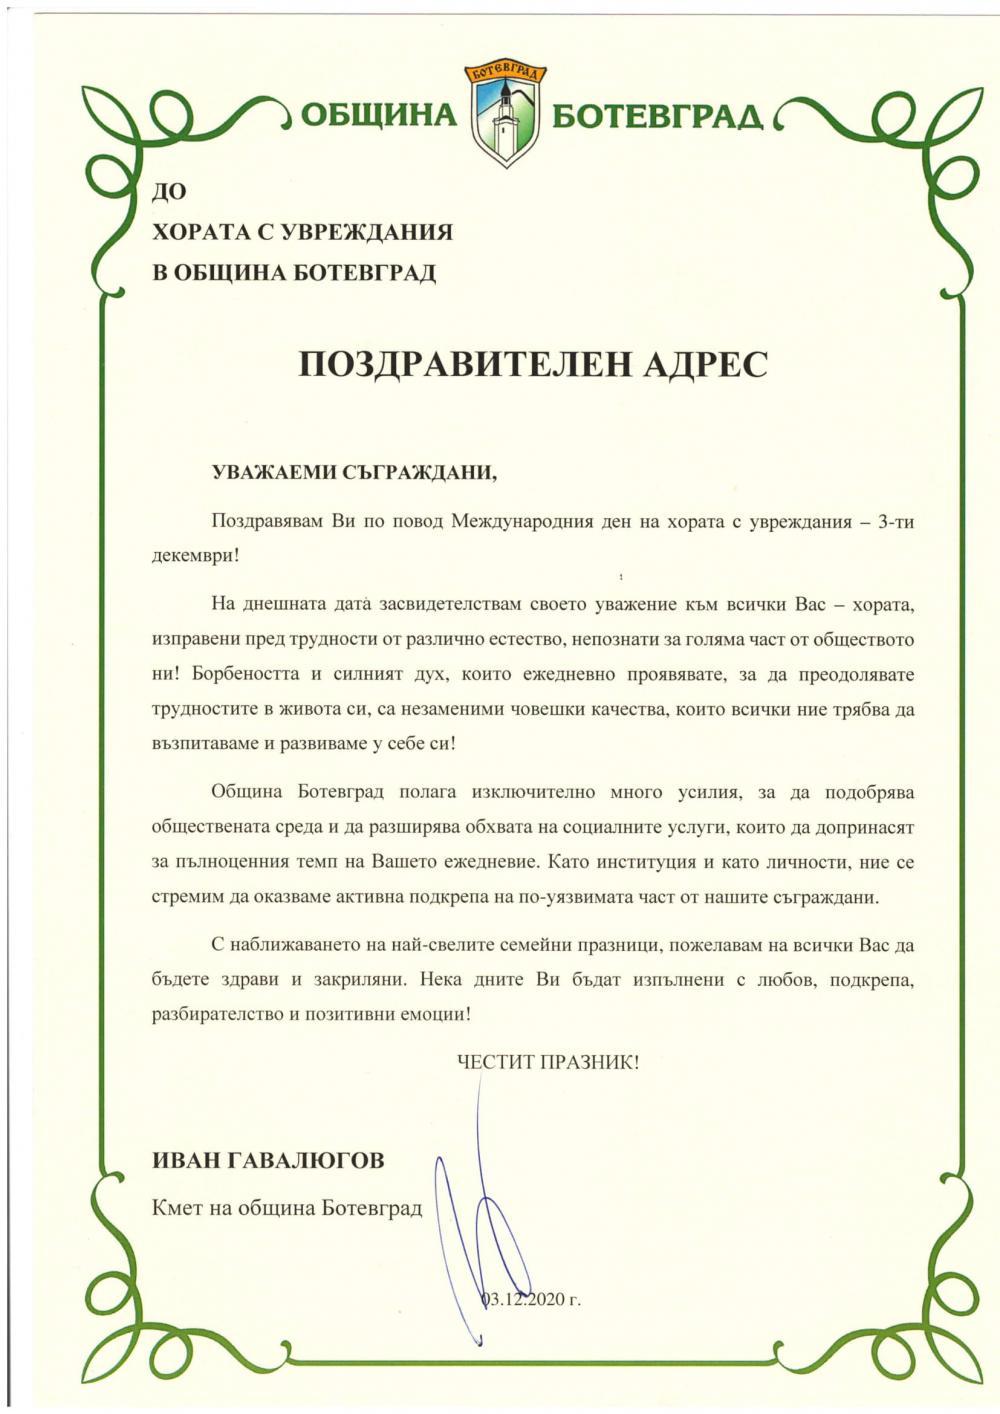 Поздравителен адрес от кмета Иван Гавалюгов по повод Международния ден на хората с увреждания